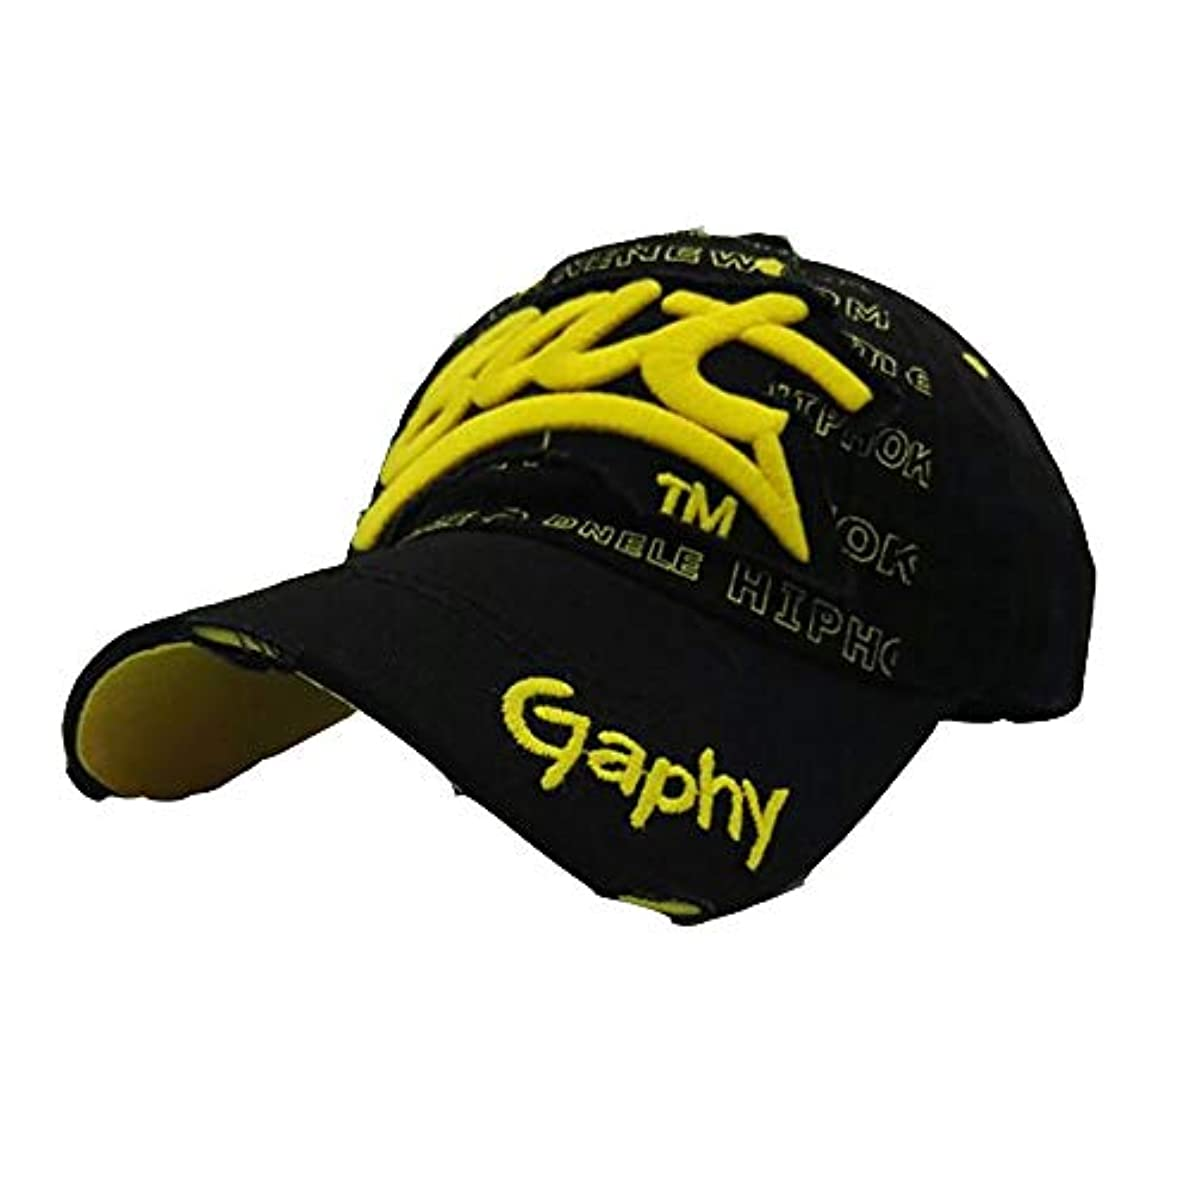 失望大いに没頭するRacazing カモフラージュ 野球帽 ヒップホップ メンズ 夏 登山 帽子 迷彩 可調整可能 プラスベルベット 棒球帽 UV 帽子 UVカット軽量 屋外 Unisex 鸭舌帽 Hat Cap